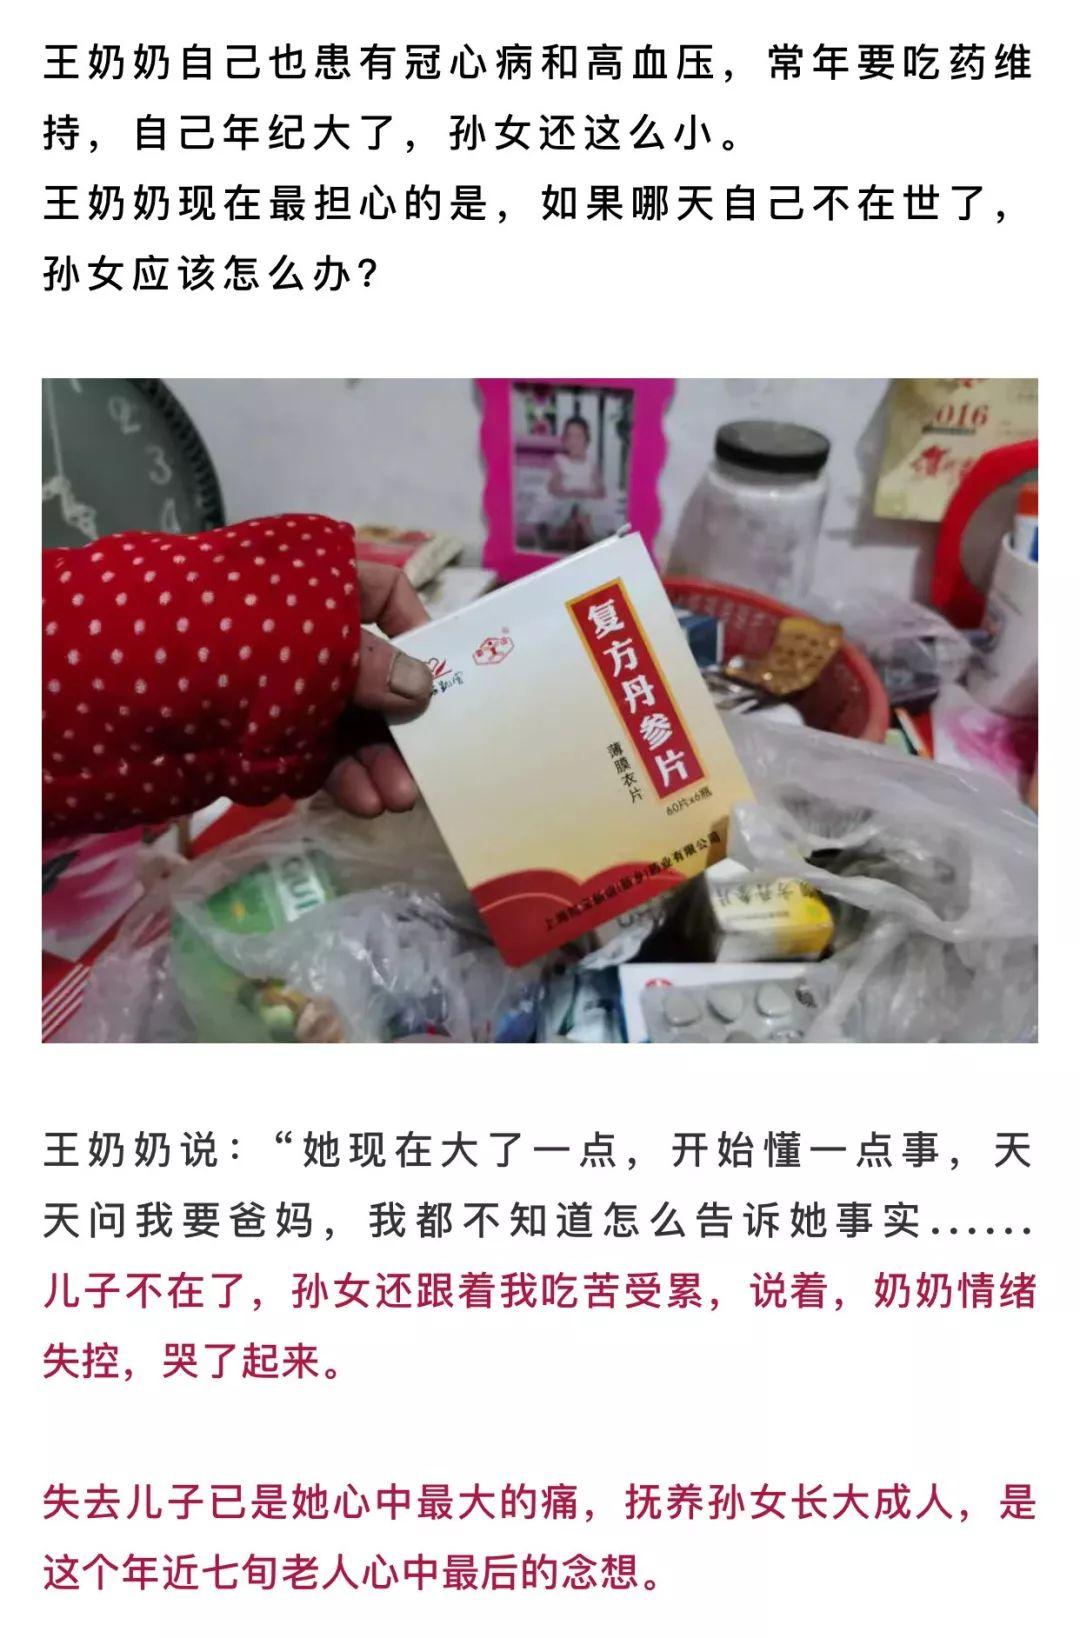 年关将近,紧急求助!陕西300万斤红富士苹果急盼销路,10斤仅29.9元,请大家帮忙转发助力,帮助乡亲们度过年关!插图24